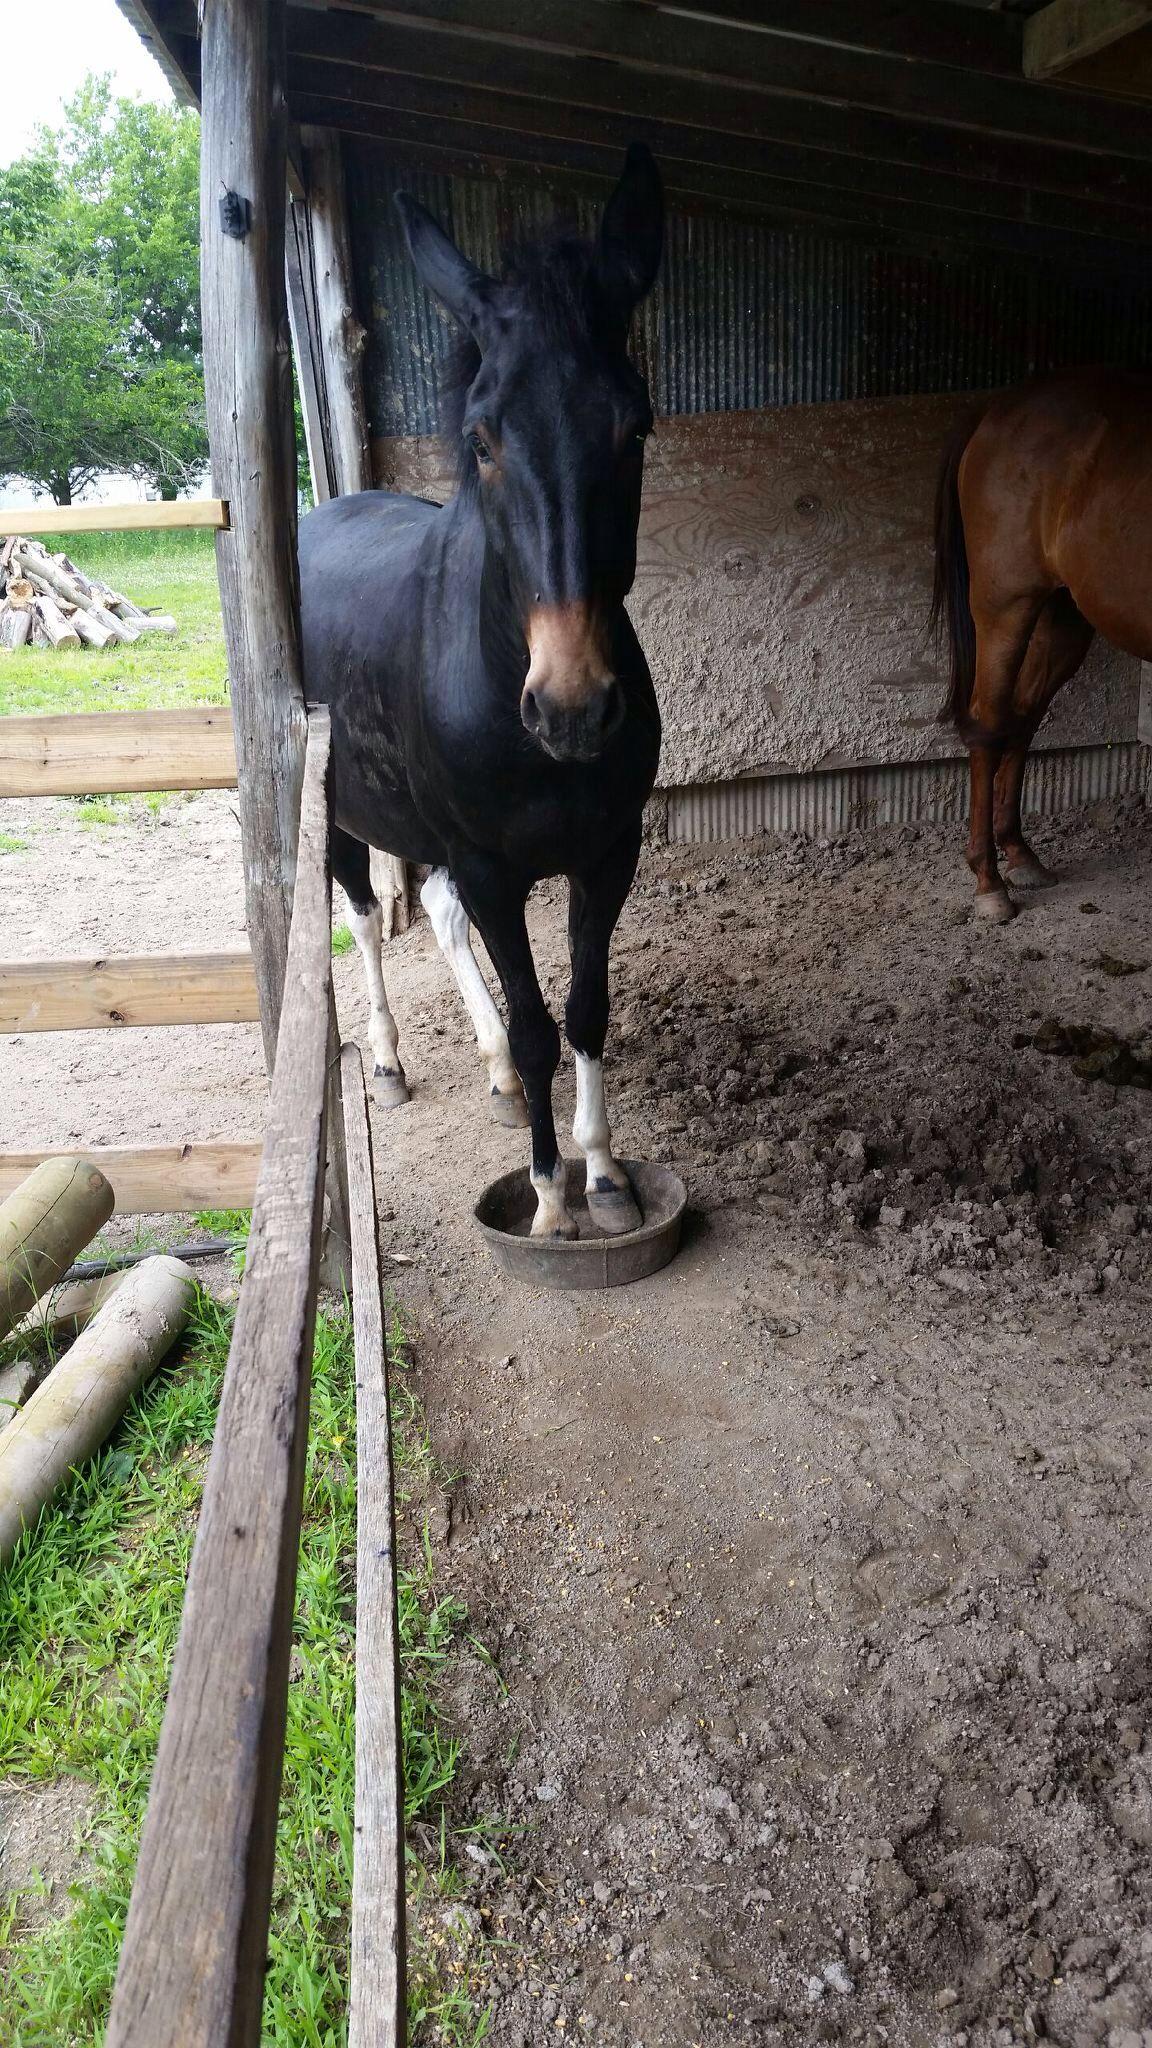 Pin on Donkeys & Mules